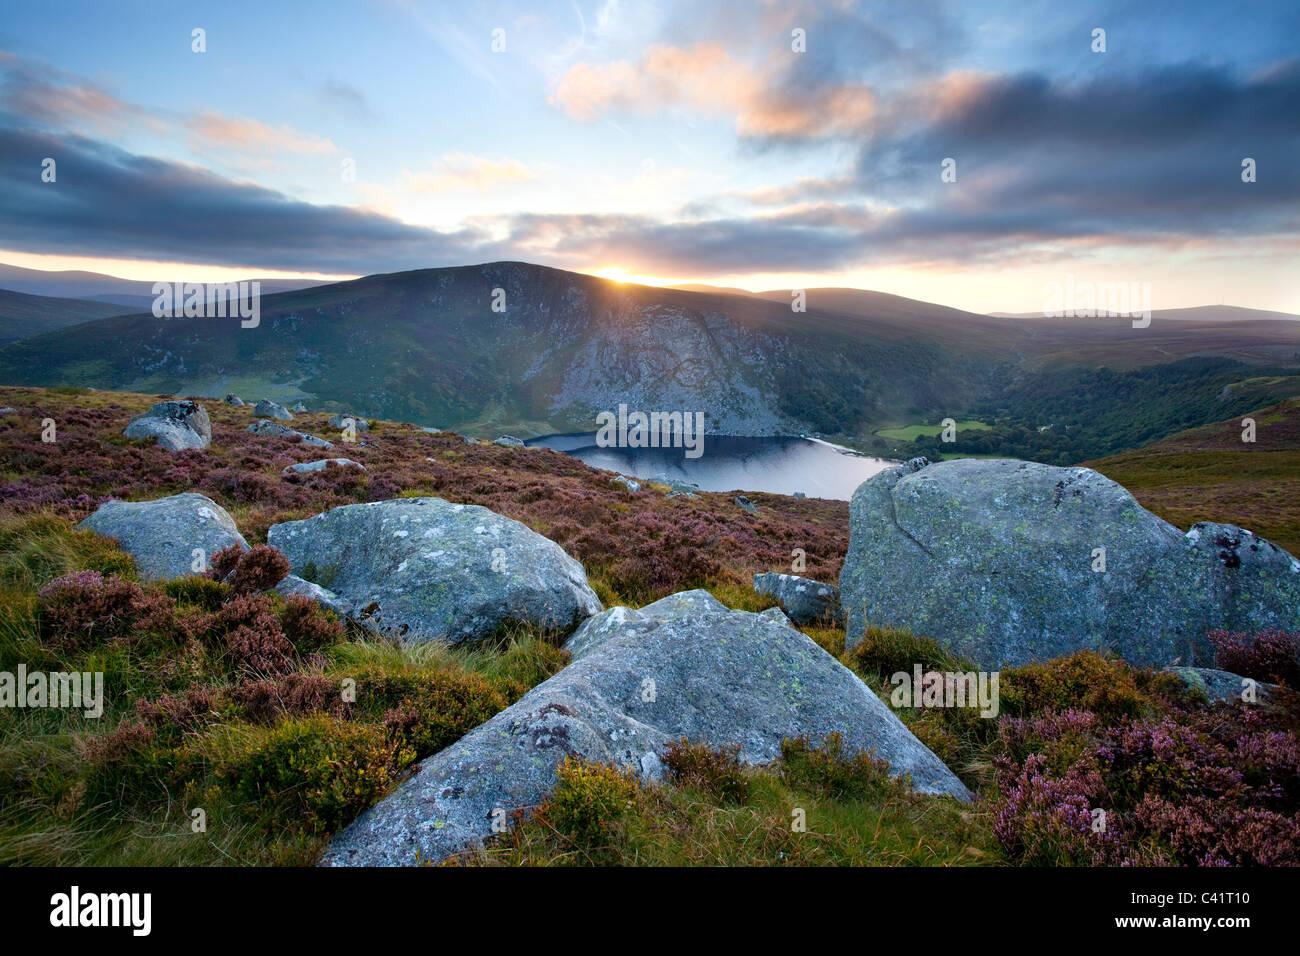 Coucher du soleil sur le Lough Tay, Parc National des Montagnes de Wicklow, comté de Wicklow, en Irlande. Banque D'Images